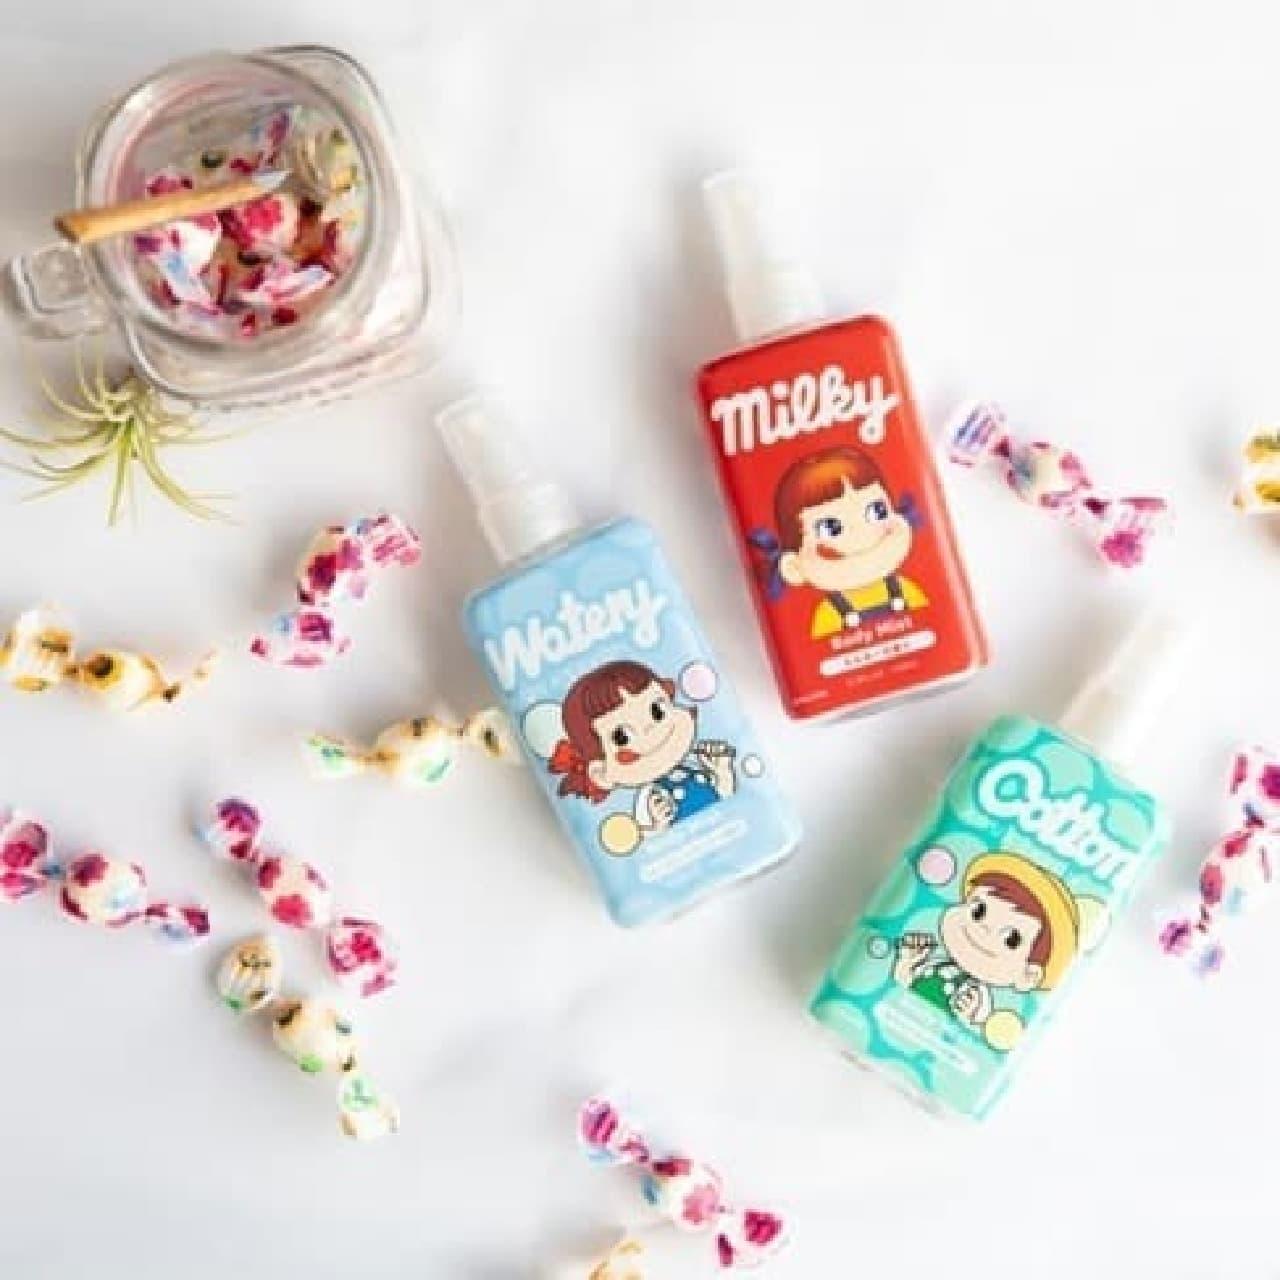 ミルキーの香りボディミスト